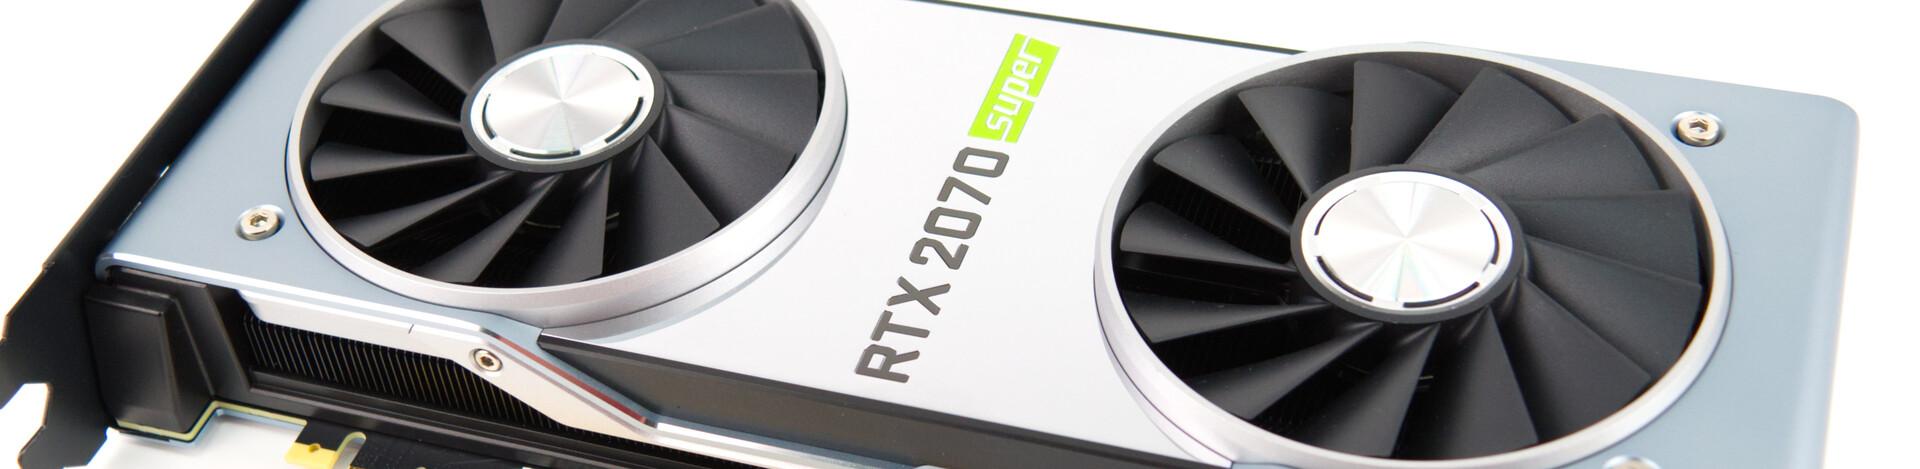 NVIDIA GeForce RTX 2070 SUPER Desktop GPU Review: In